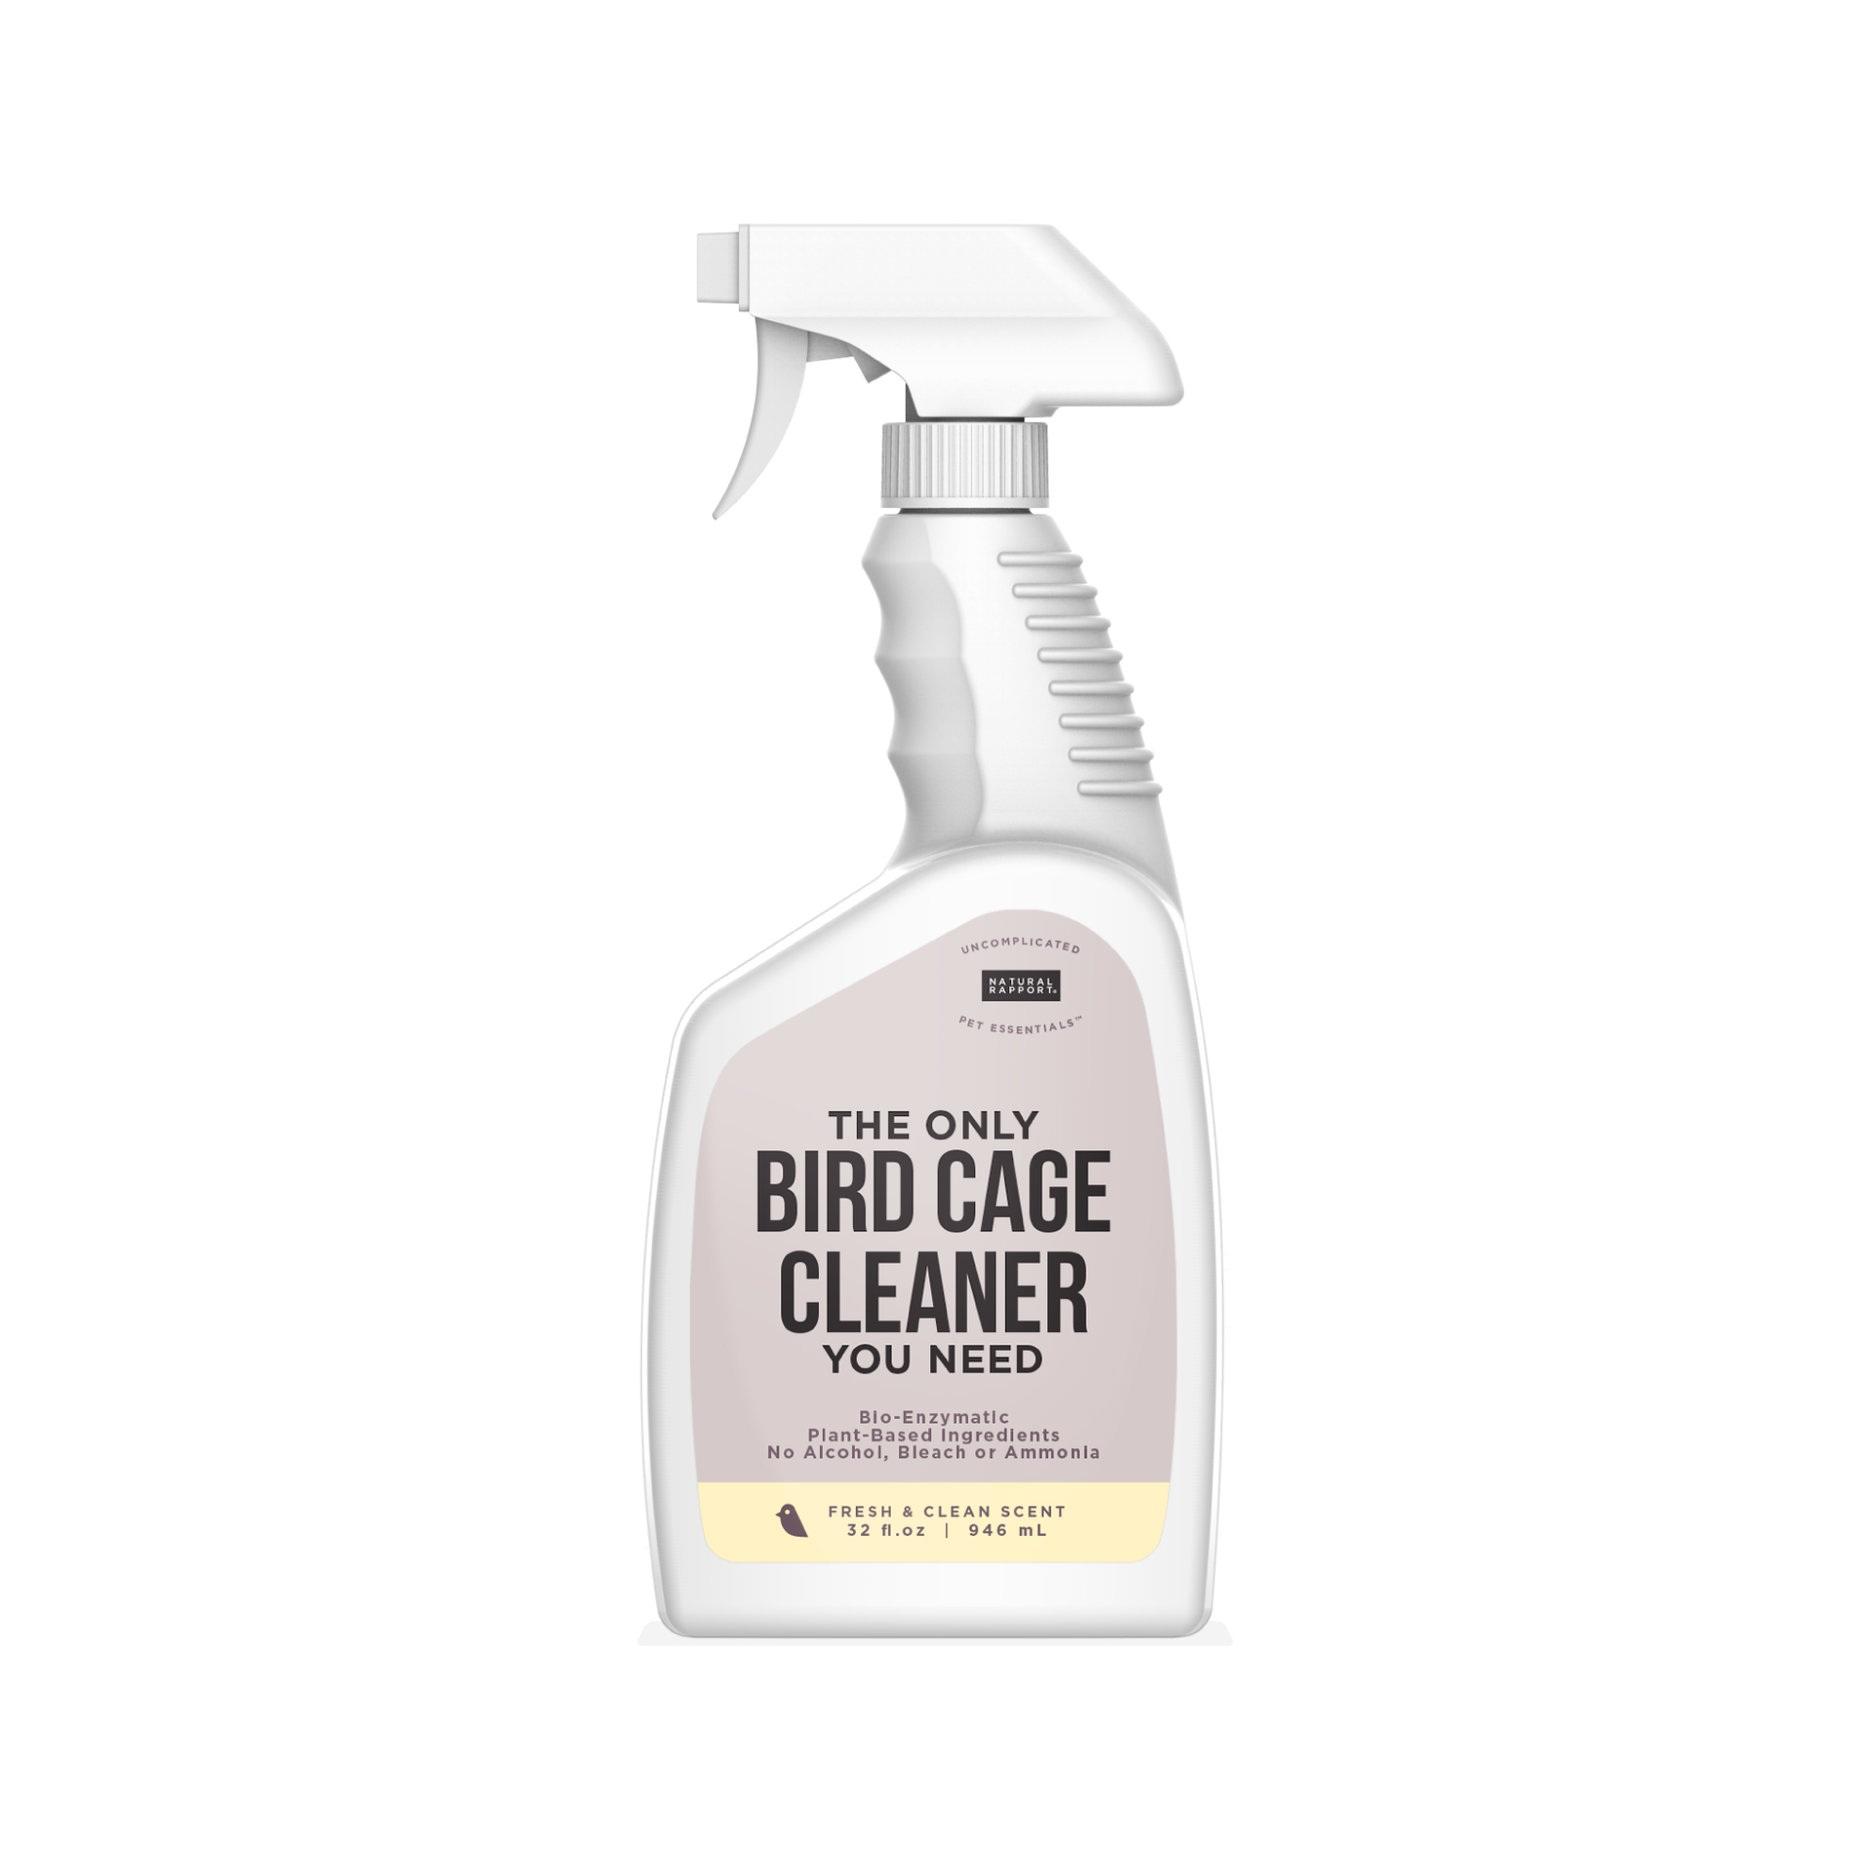 WEB-BirdCage-02.jpg